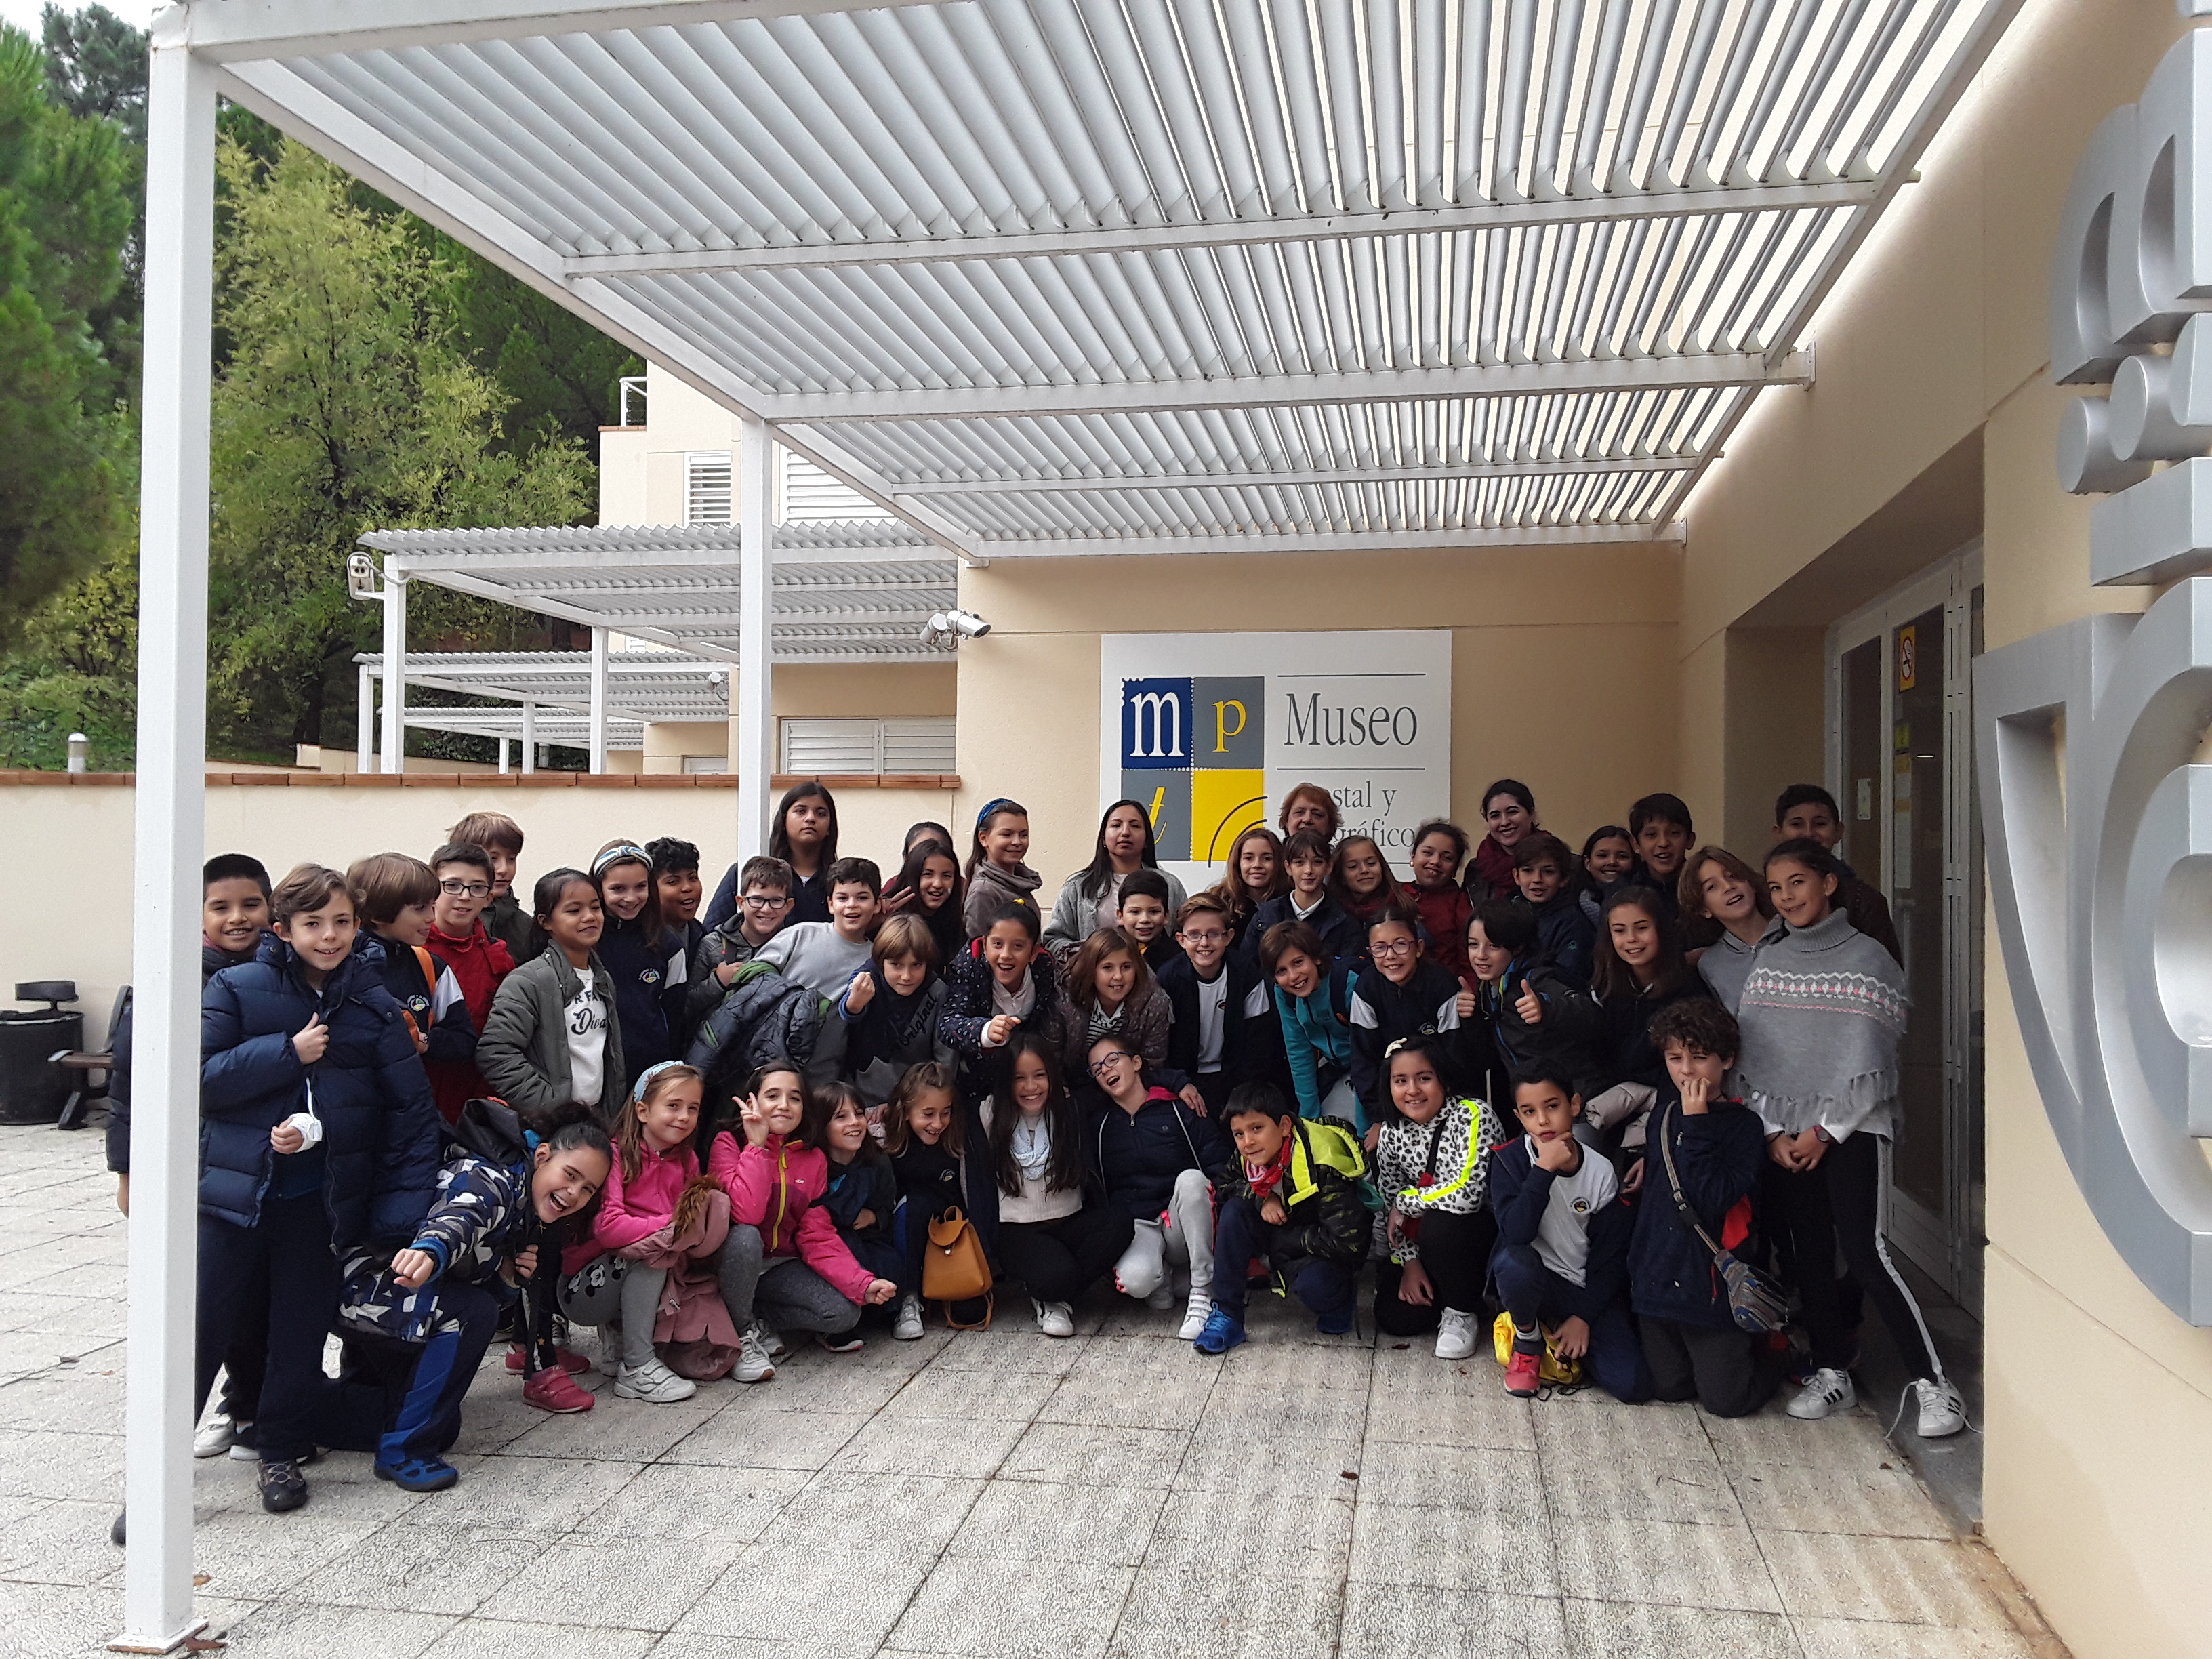 Visita del Colegio San Eugenio y San Isidro (S.E.S.I)